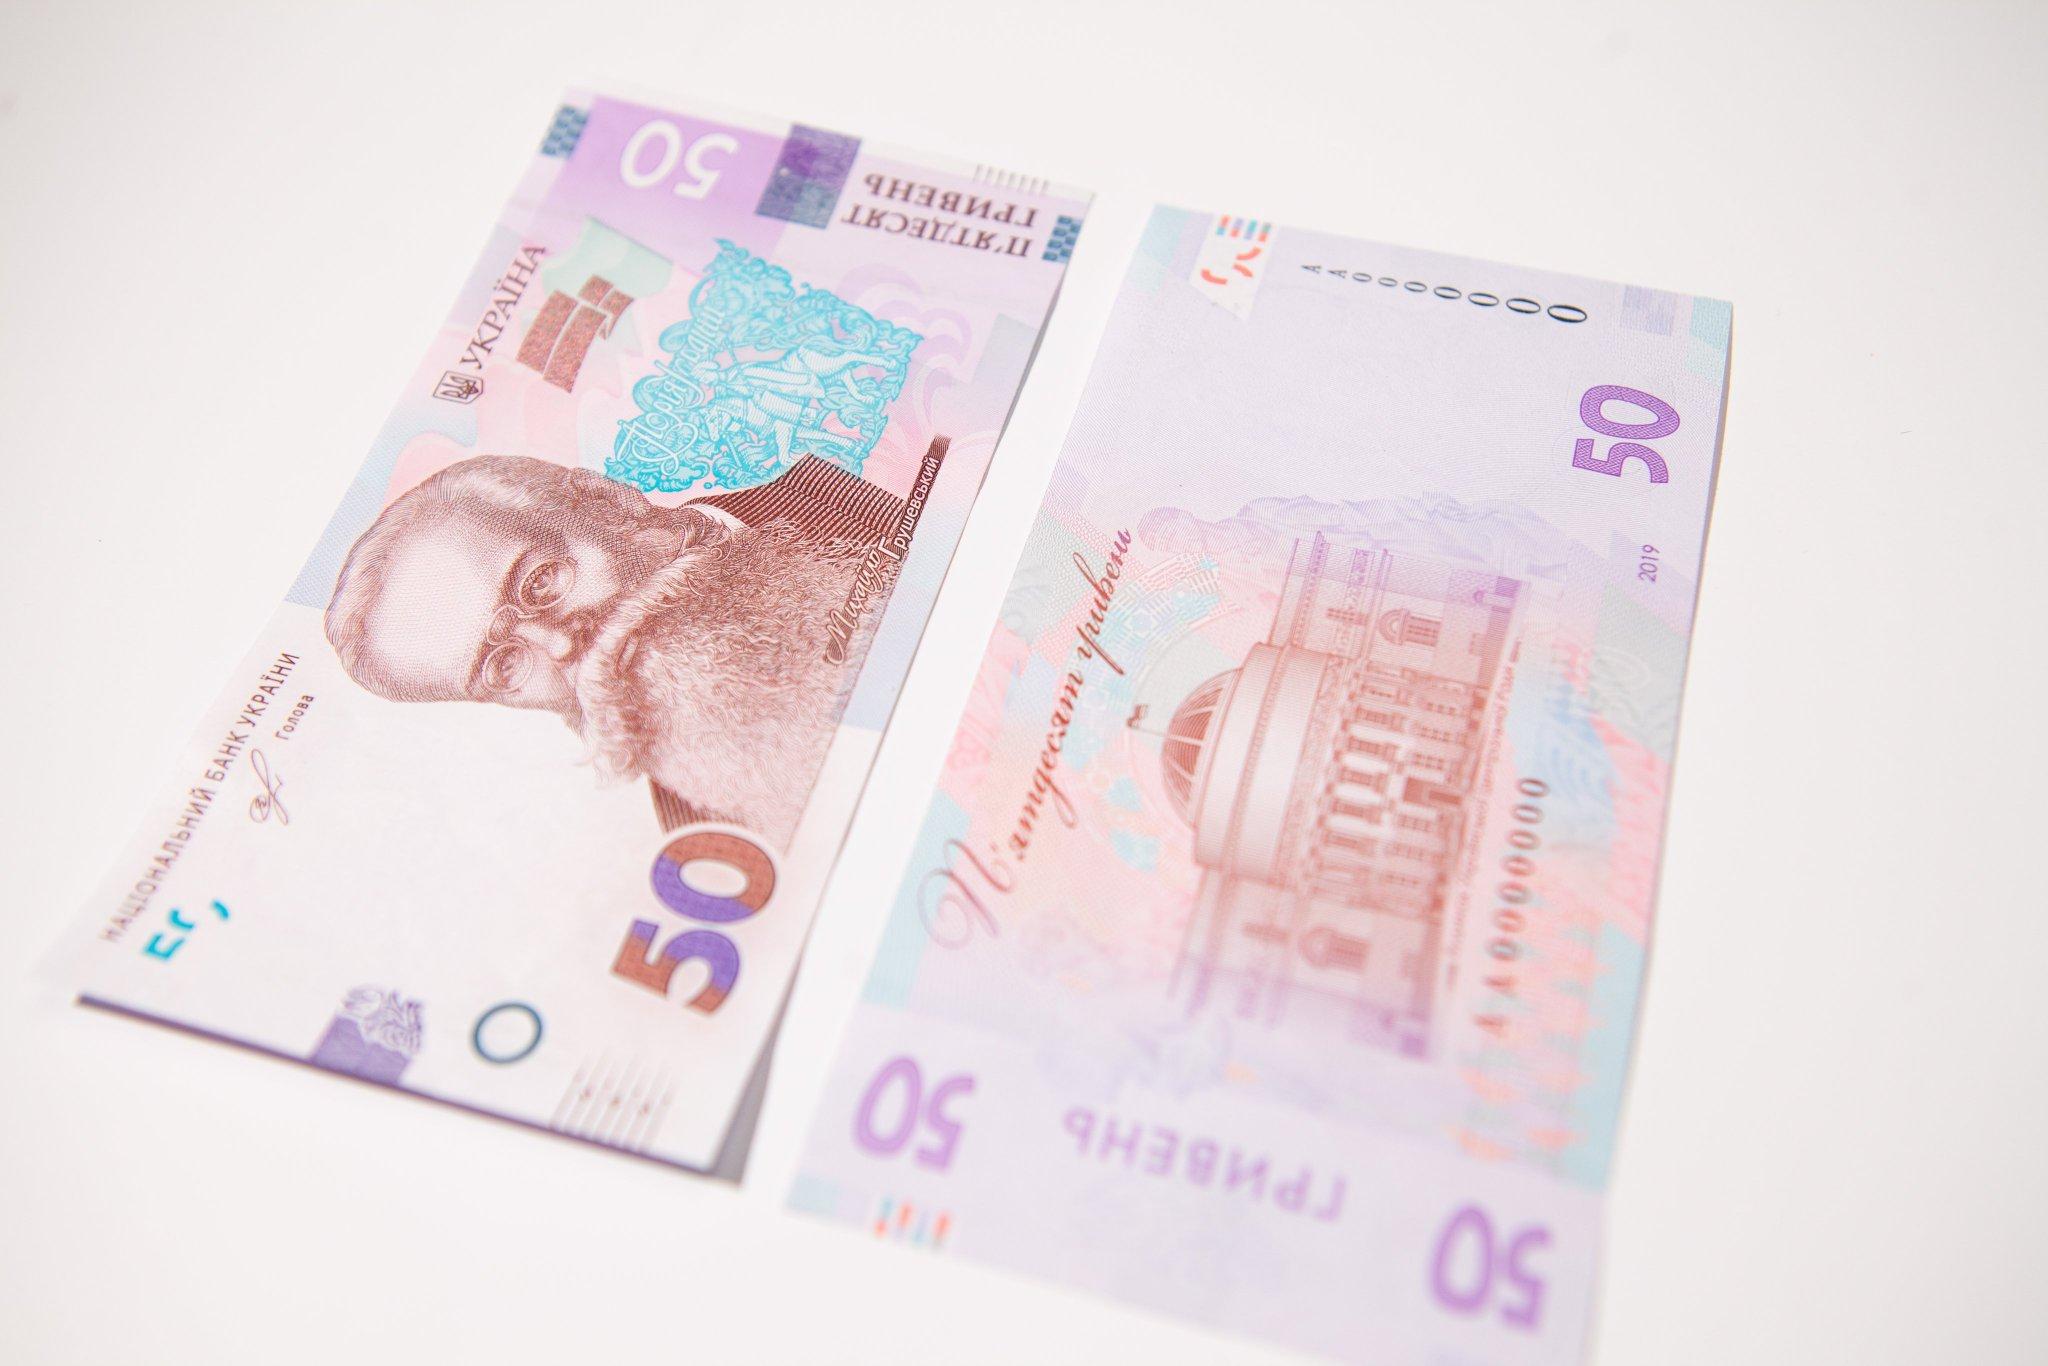 Банкноти номіналом 50 і 200 гривень змінять дизайн: як вони тепер виглядатимуть